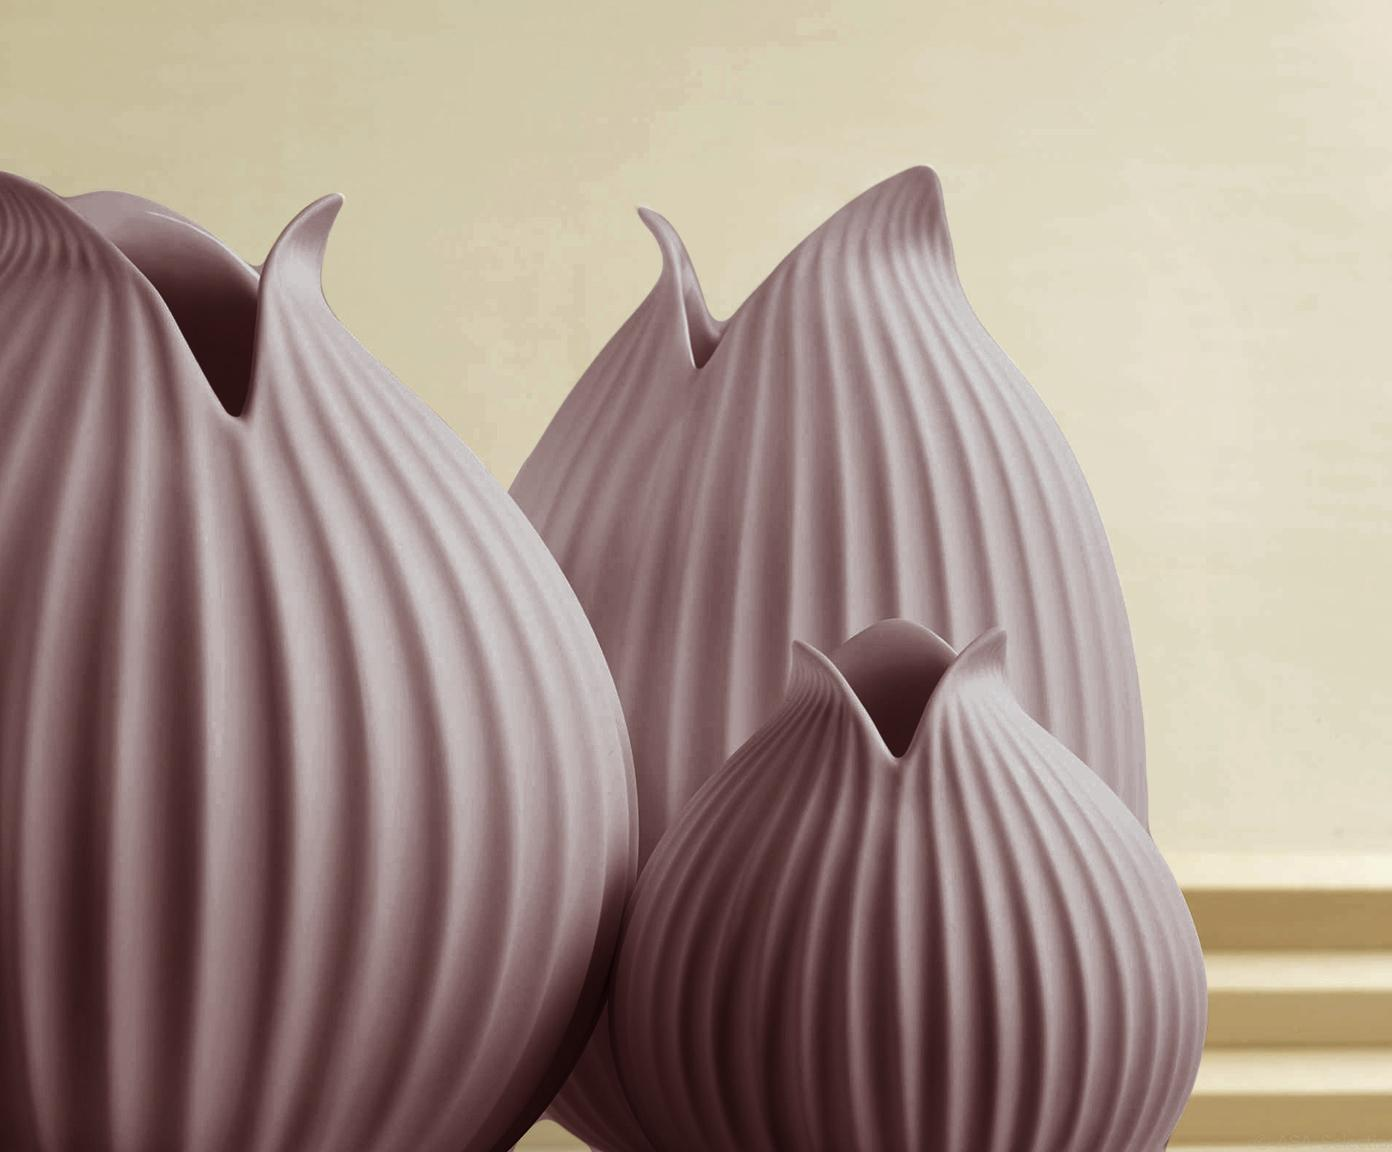 Handgefertigte Vase Yoko aus Porzellan, Porzellan, Rosa, Ø 19 x H 18 cm